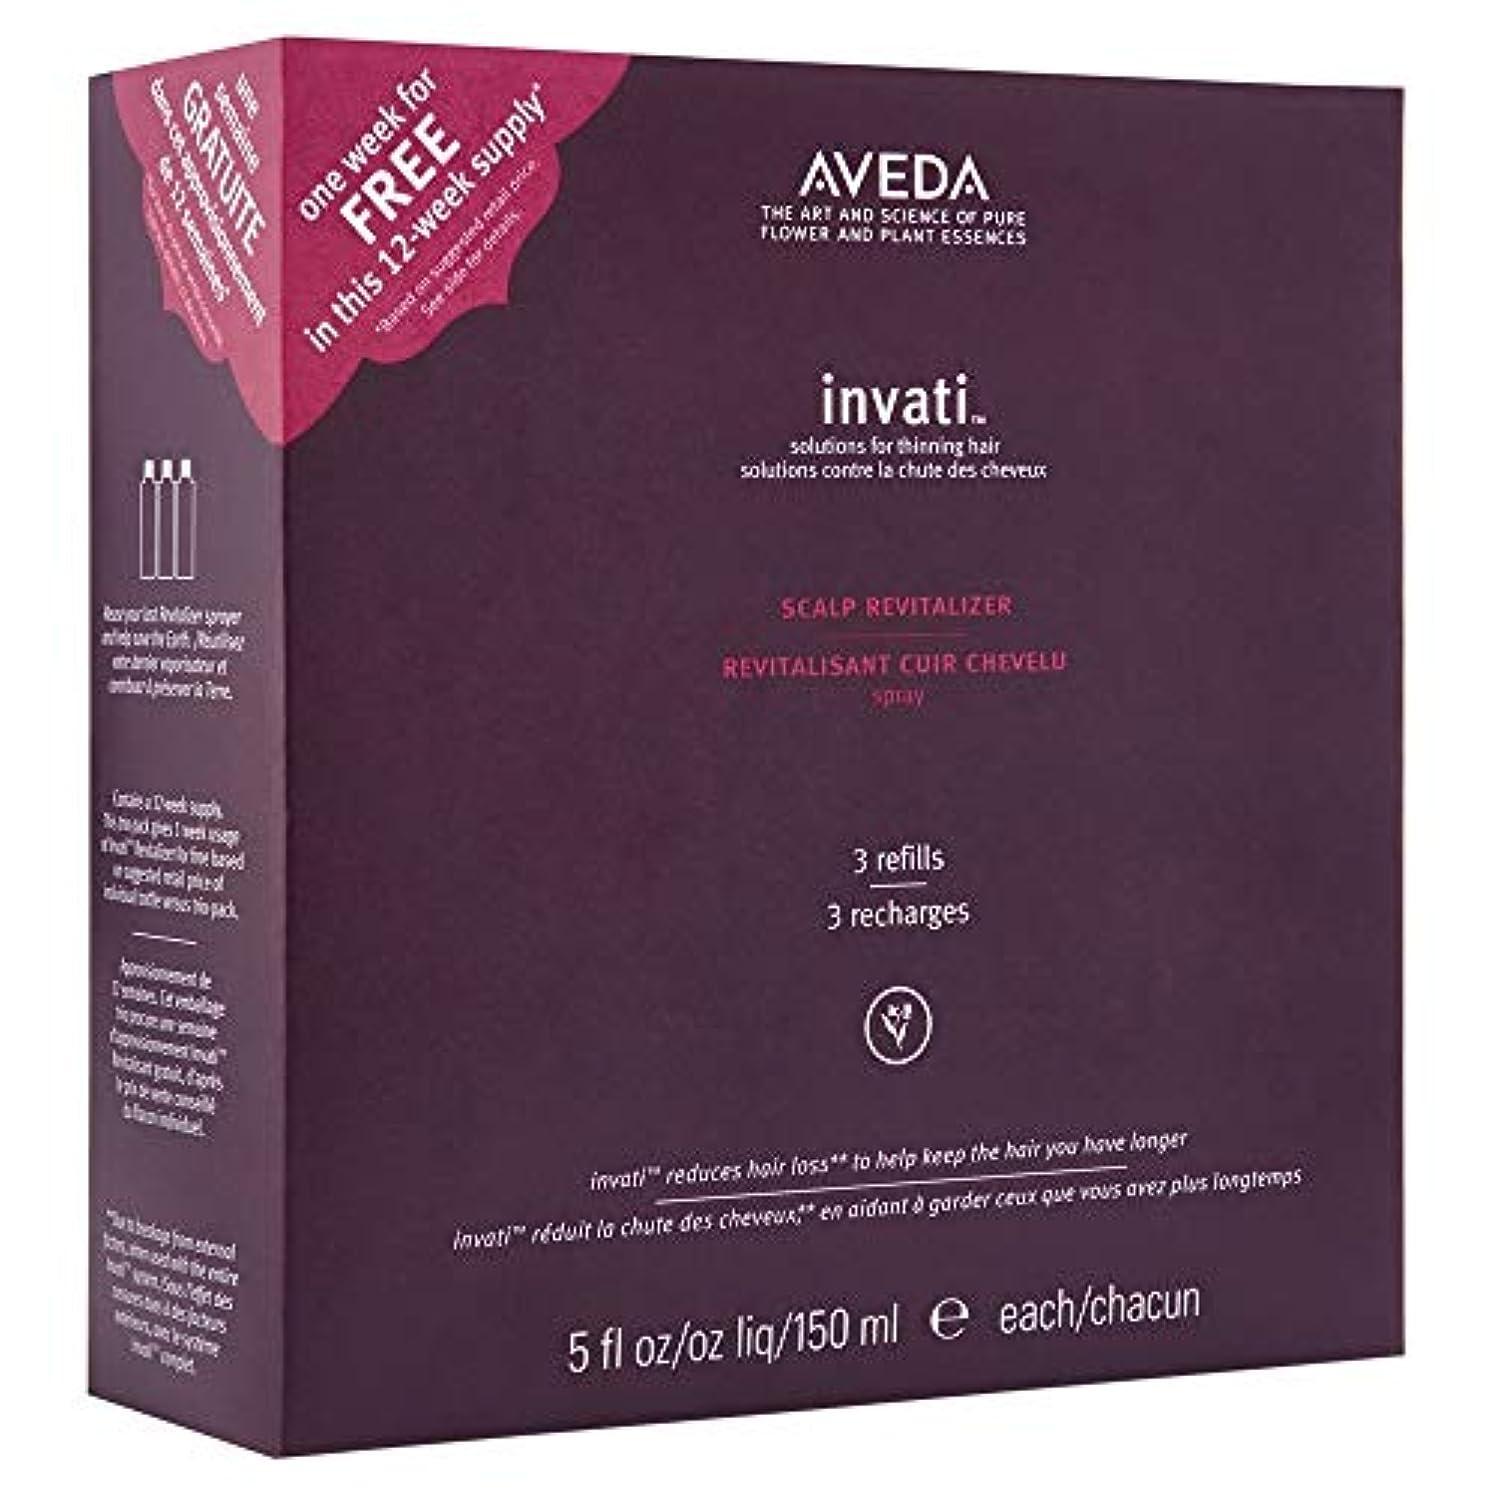 ディスク安全でない明るい[AVEDA] アヴェダInvatiリバイタライザートリオ - Aveda Invati Revitalizer Trio [並行輸入品]